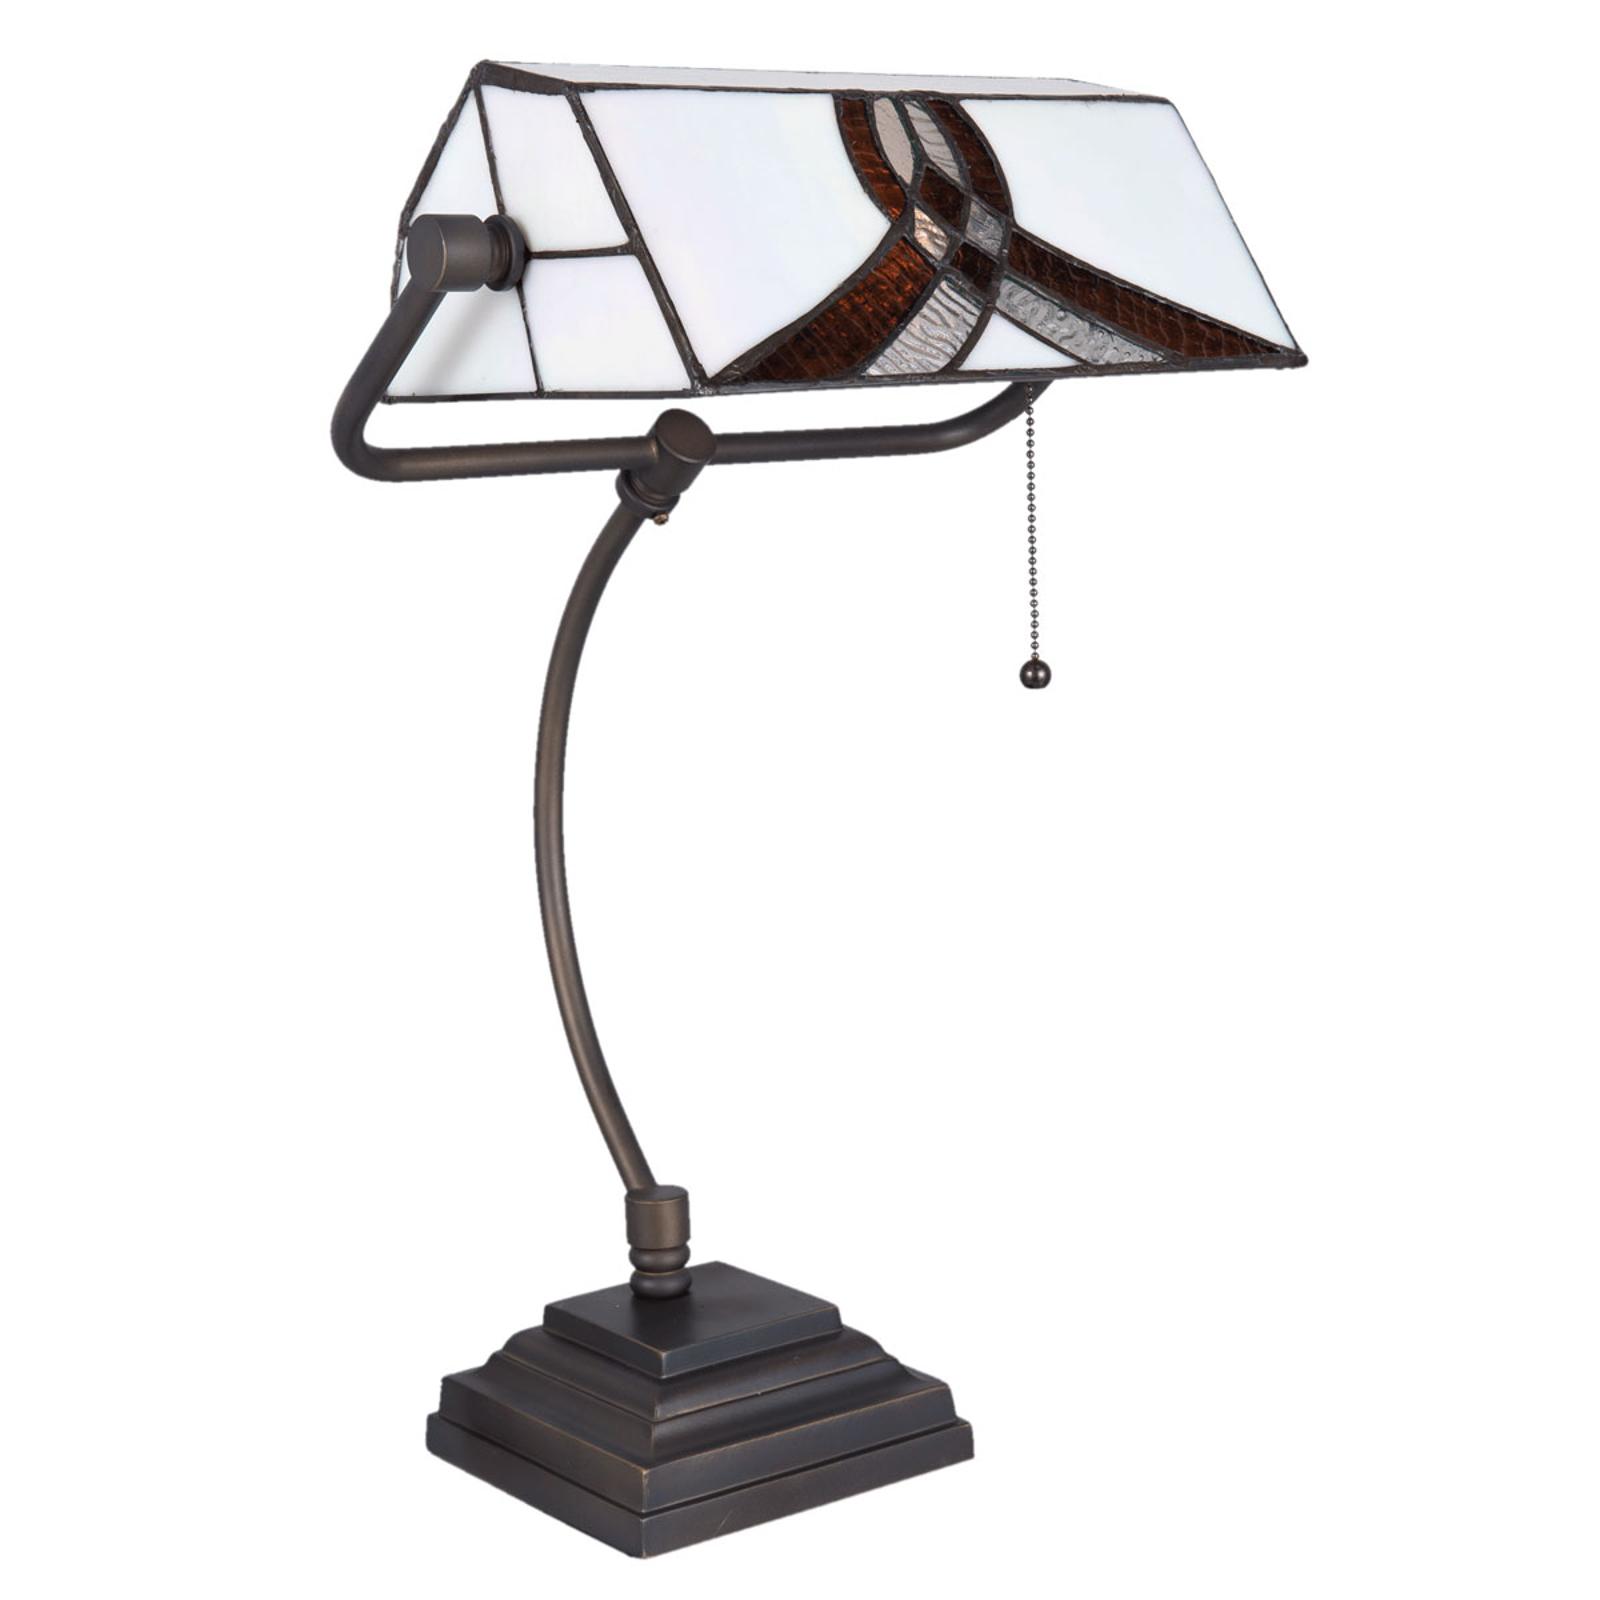 Schreibtischlampe 5195 mit weiß-braunem Glasschirm